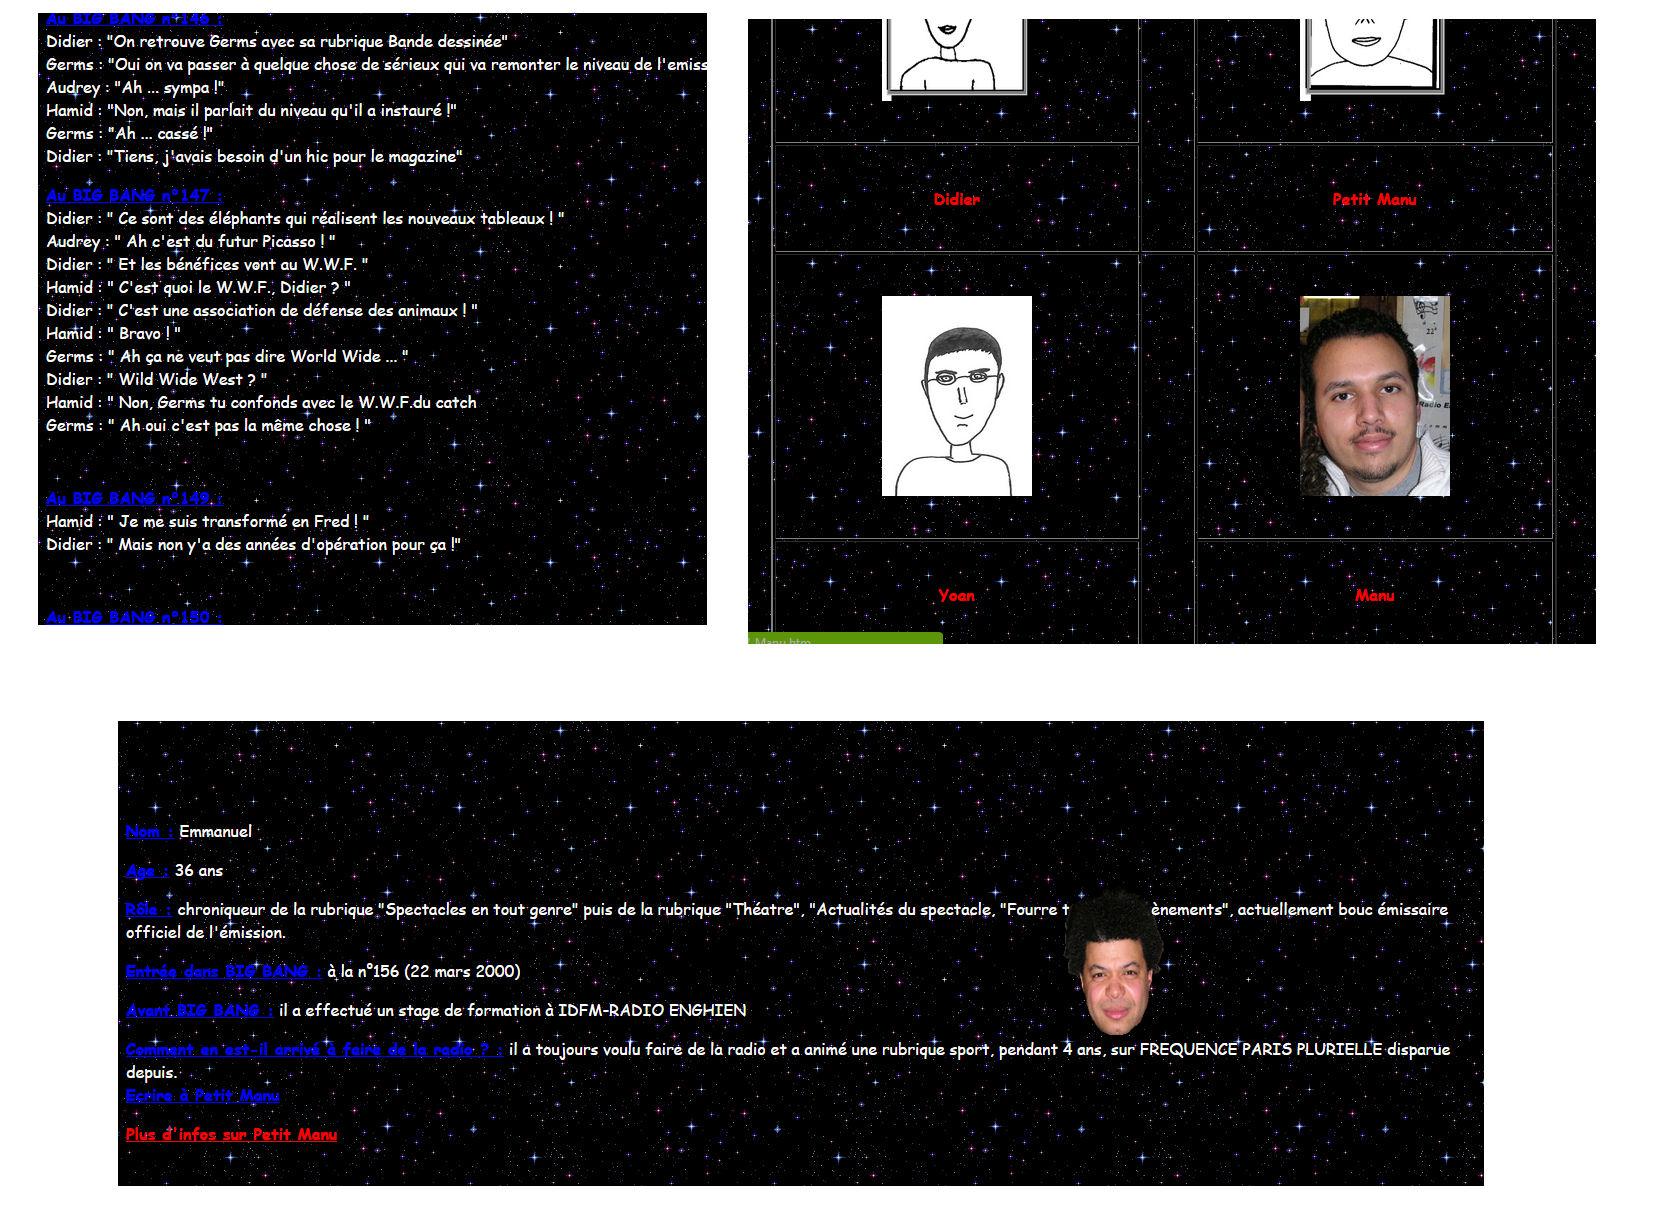 En 2002, le Big Bang site est crée. Croquis des chroniqueurs, CV, bourdes dites à l'antenne, bande dessinée au programme ! Retrouvez les sur le journal de bord du nouveau site !